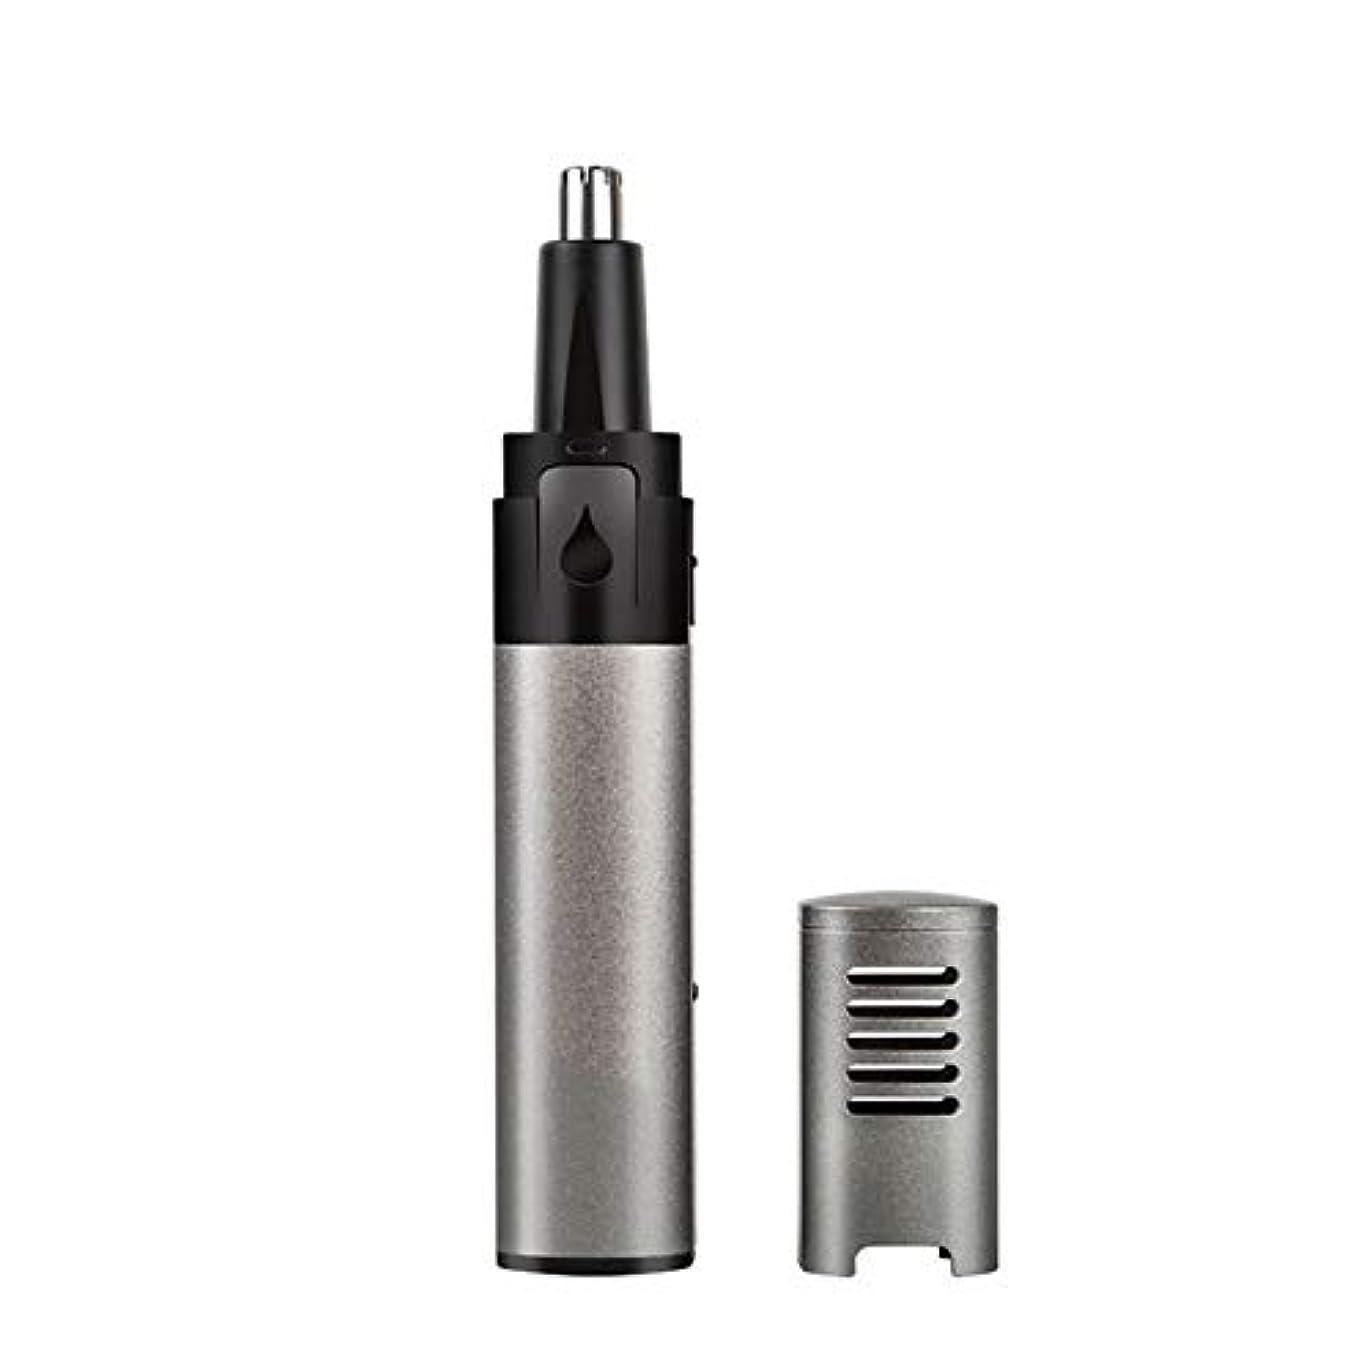 豪華な病な好き鼻毛カッター はなげカッター 電気鼻毛トリマーメンズ女性USB充電式シェービング鼻毛ポータブルボディーウォッシュ (Color : Black, Size : USB)